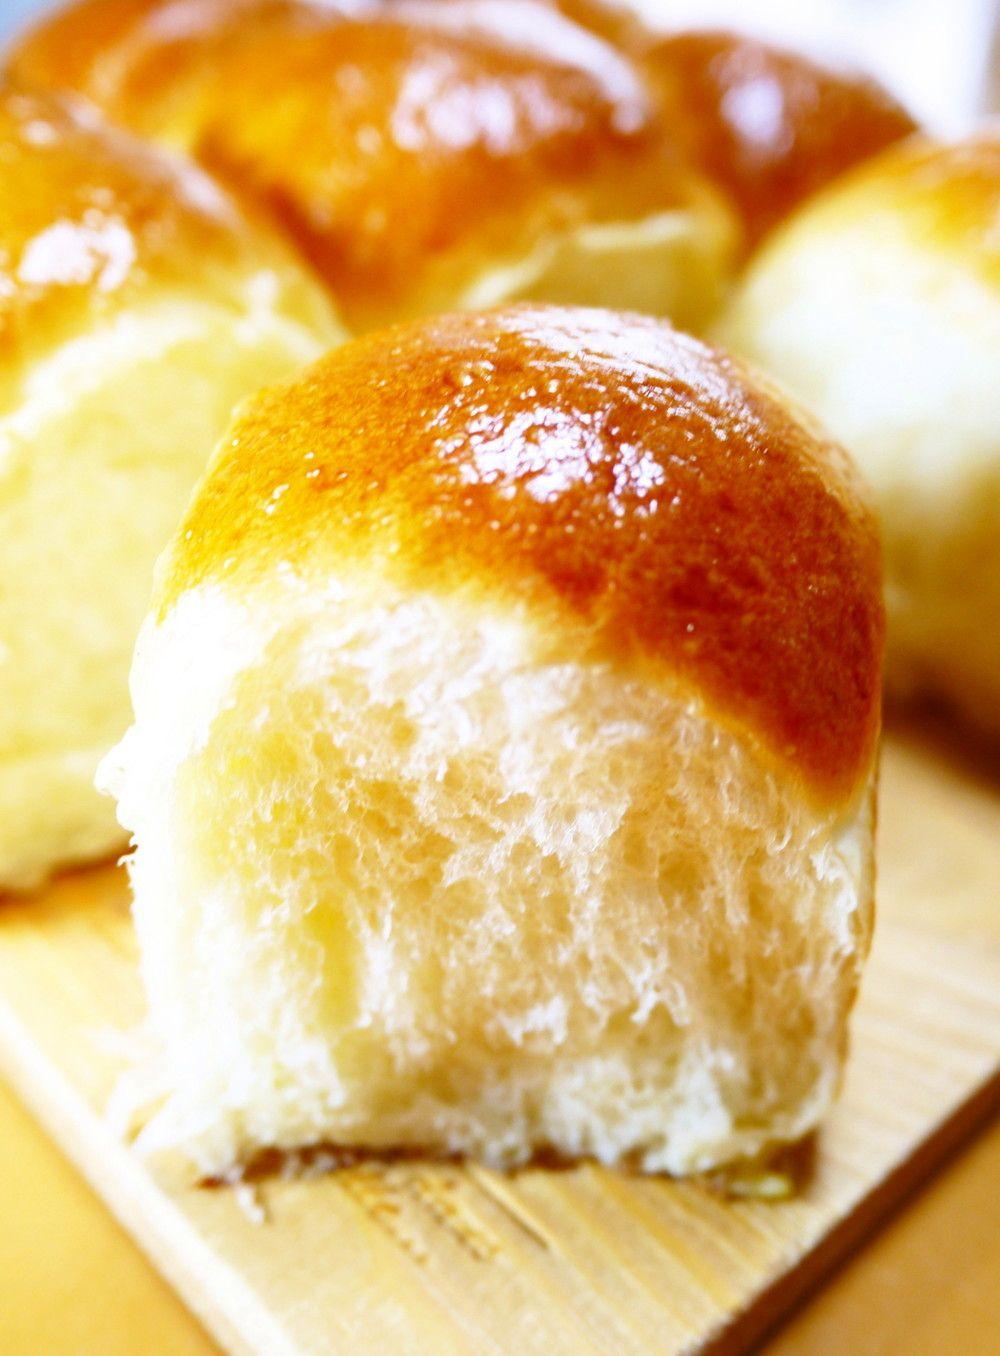 成形 ロールパン